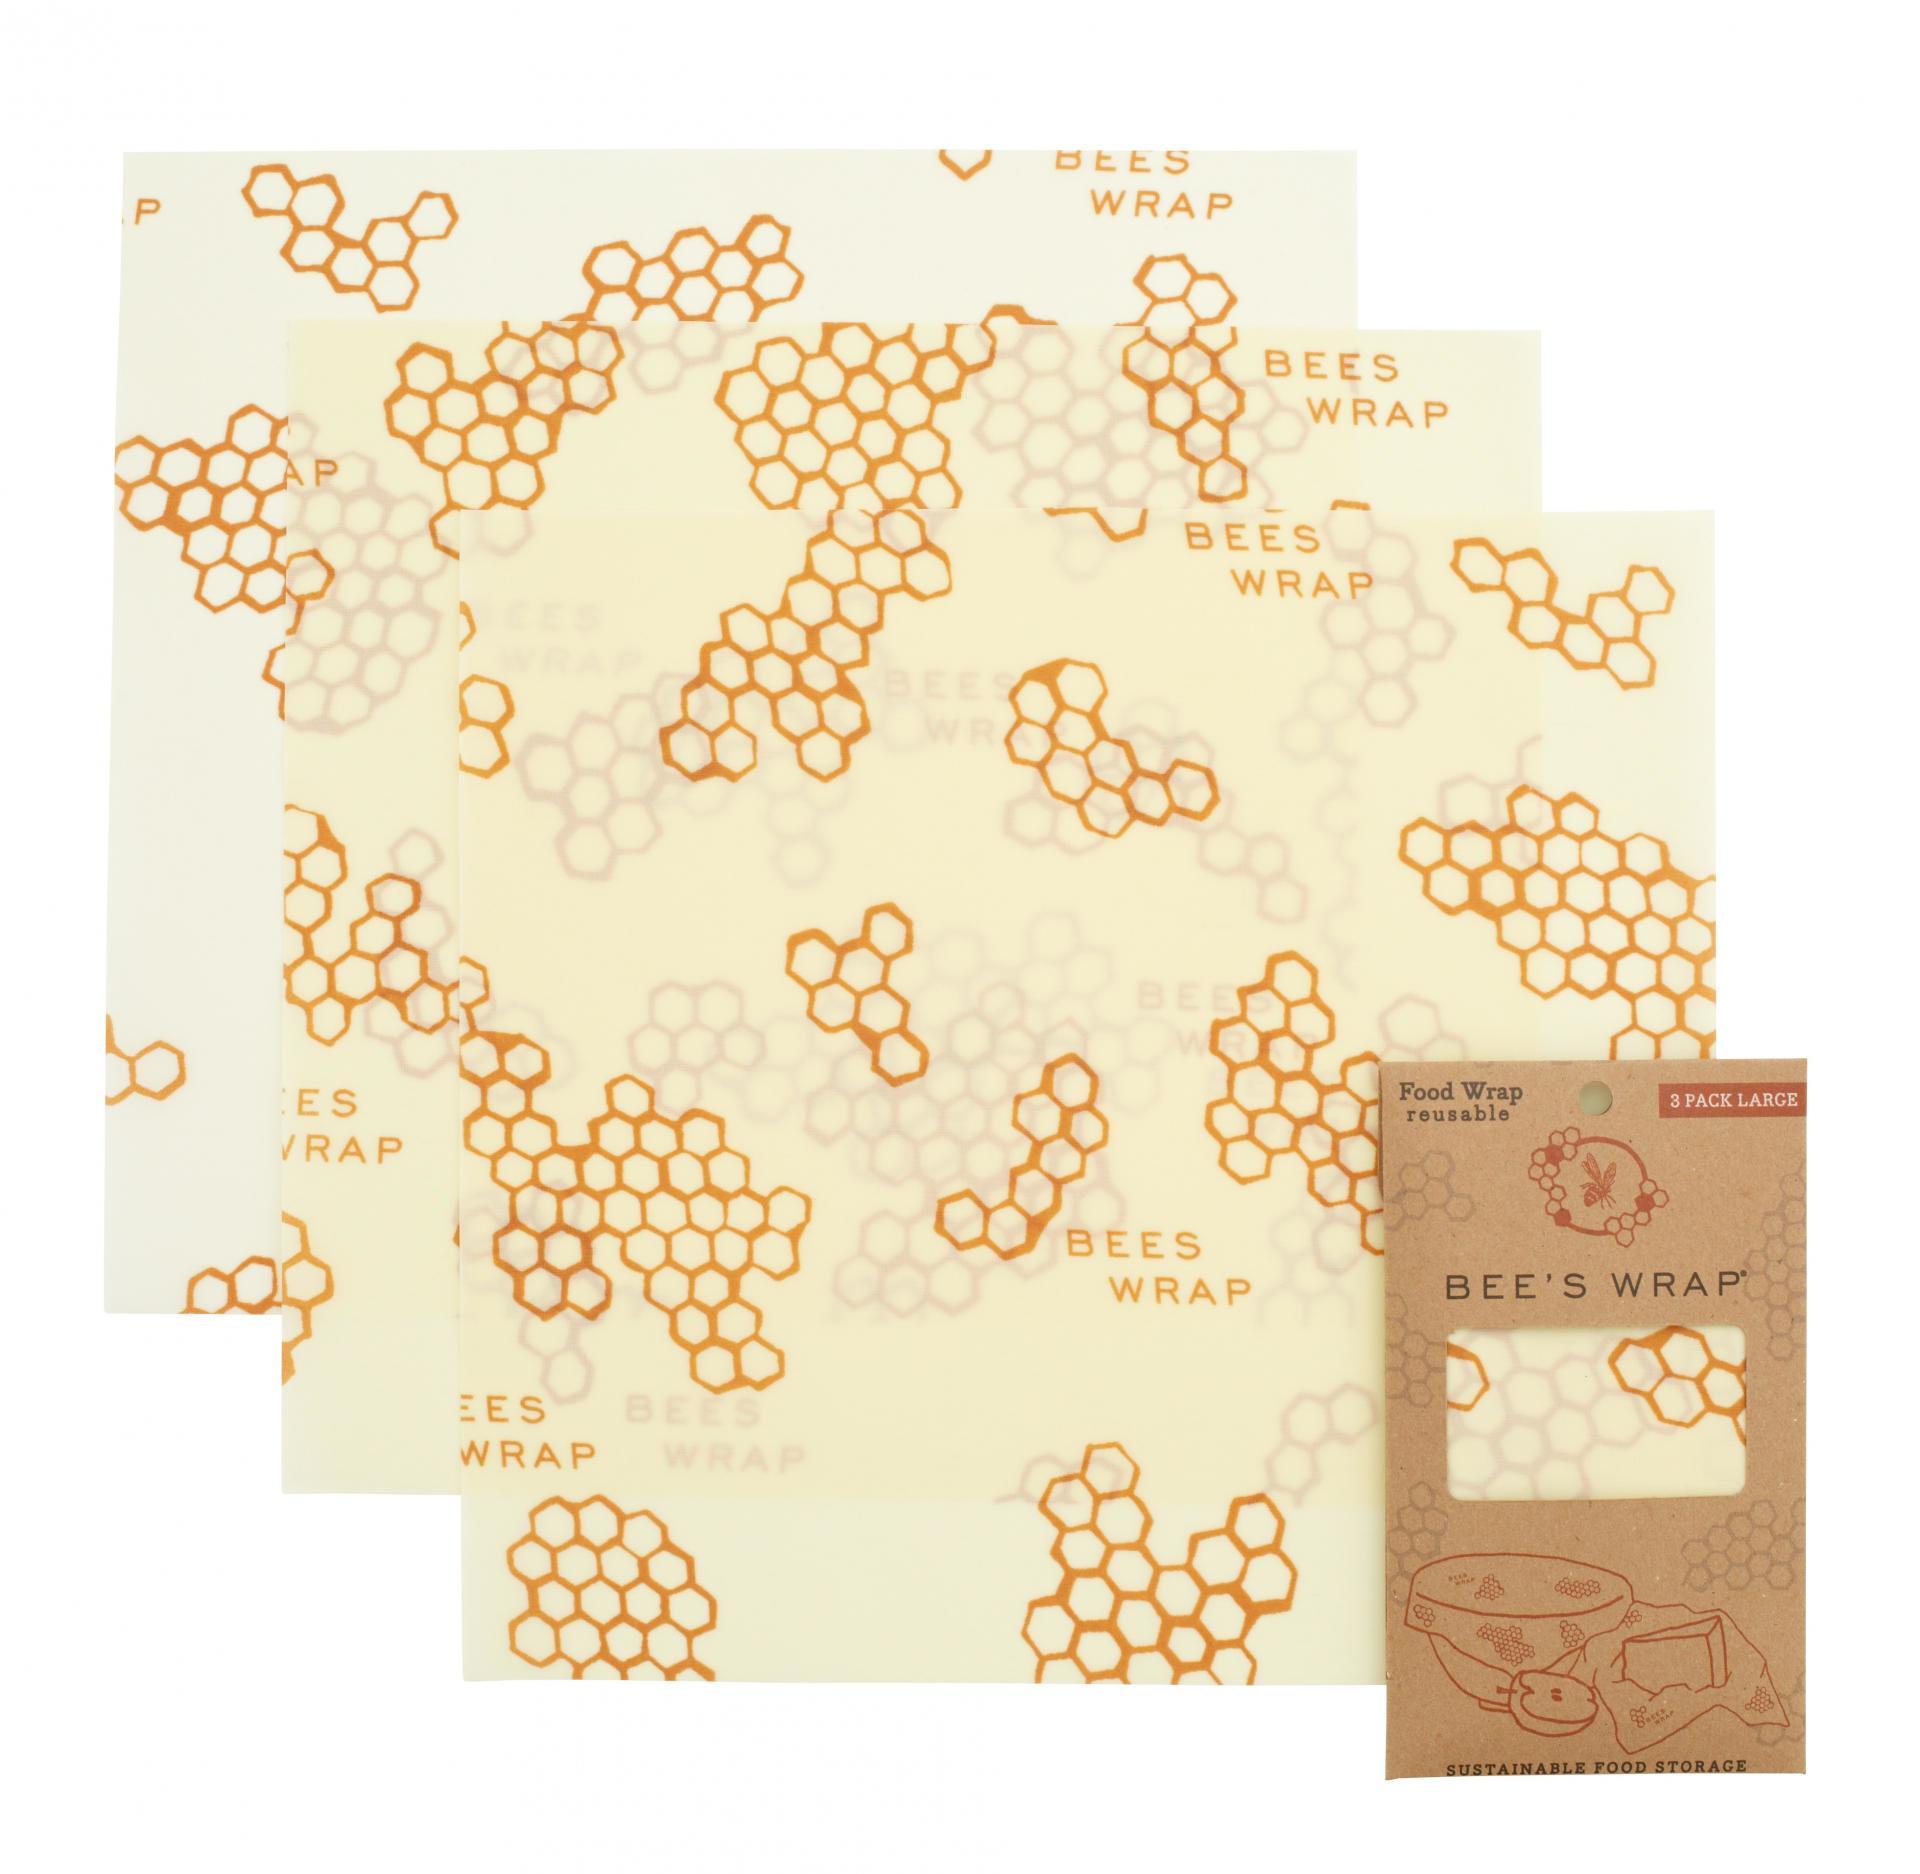 Bee's Wrap Ekologický potravinový ubrousek Large-3ks, žlutá barva, textil